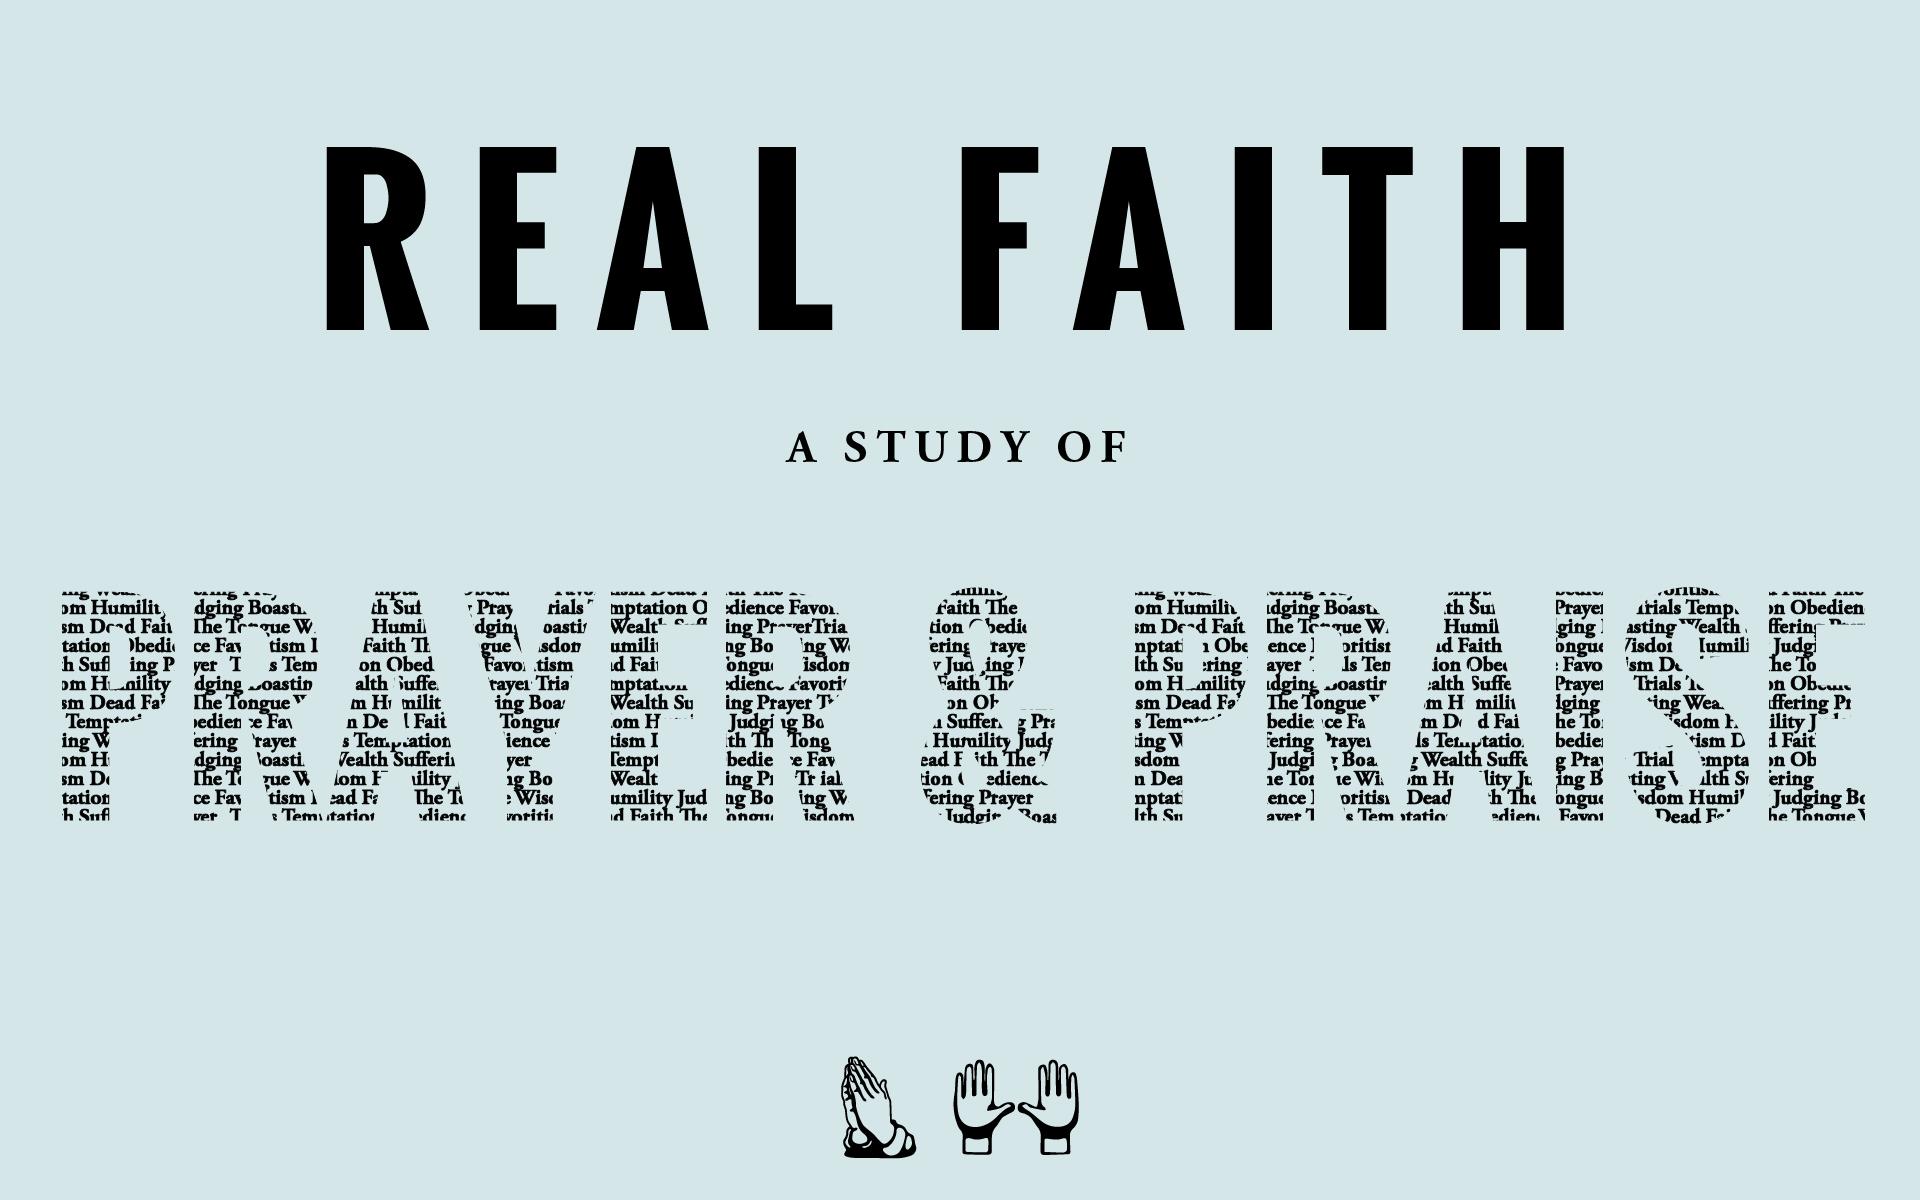 Real Faith a Study of PrayerPraise.jpg